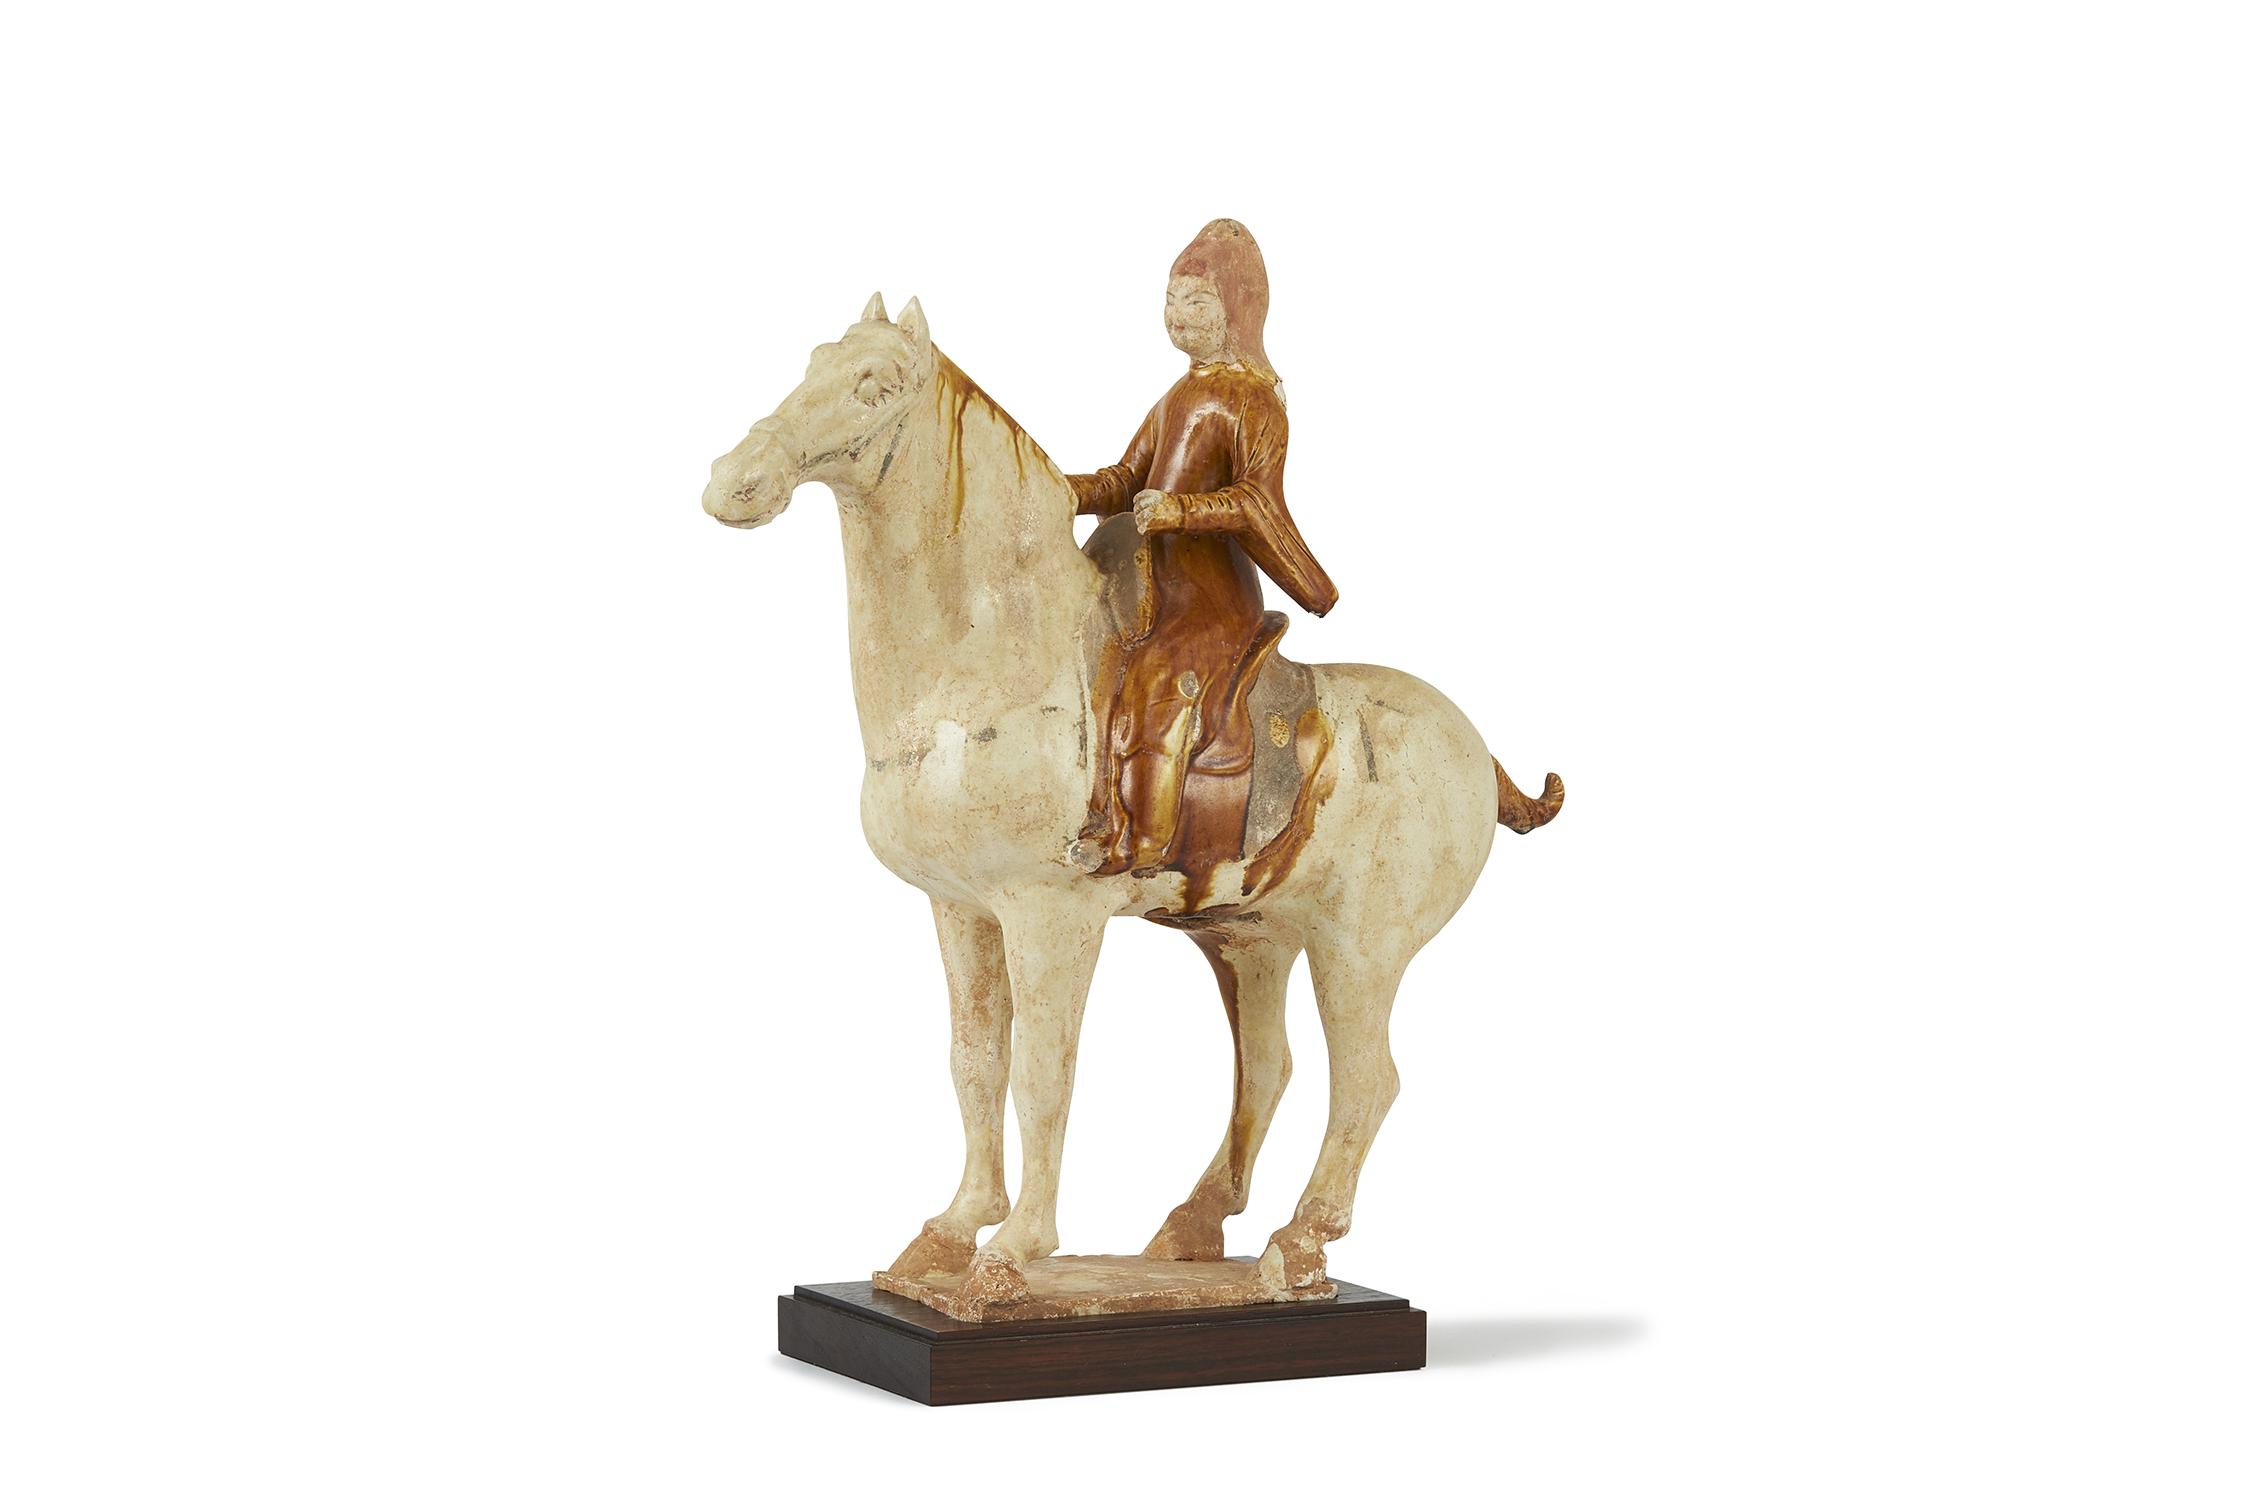 170359唐 加彩 騎馬人物 擺件